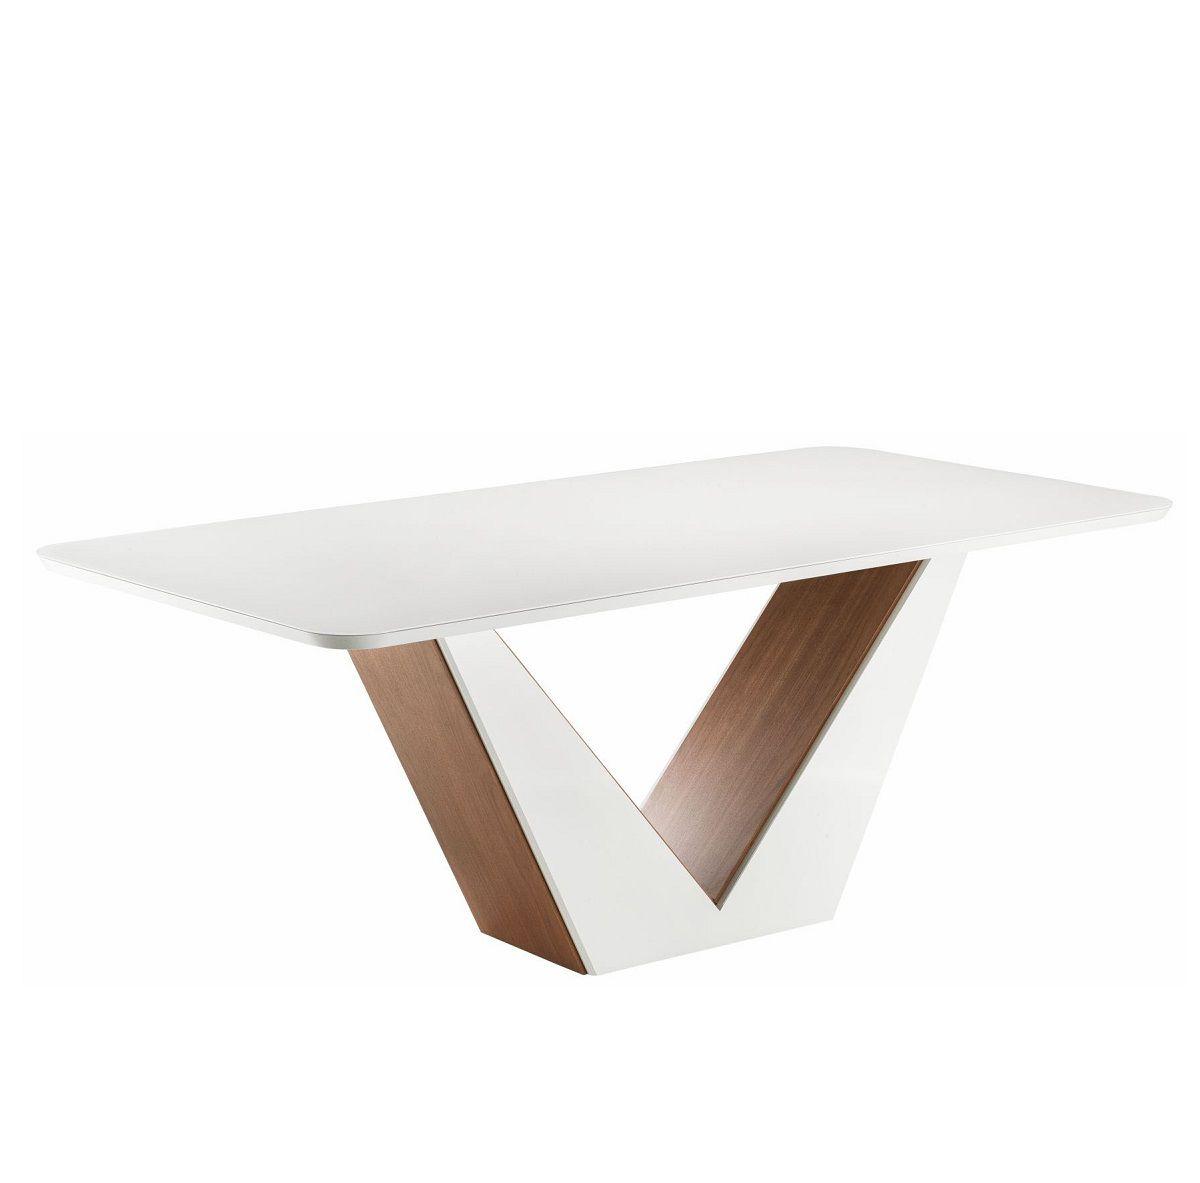 Mesa de Jantar de 6 Lugares Canto Redondo com Vidro Dália Imbuia Off White